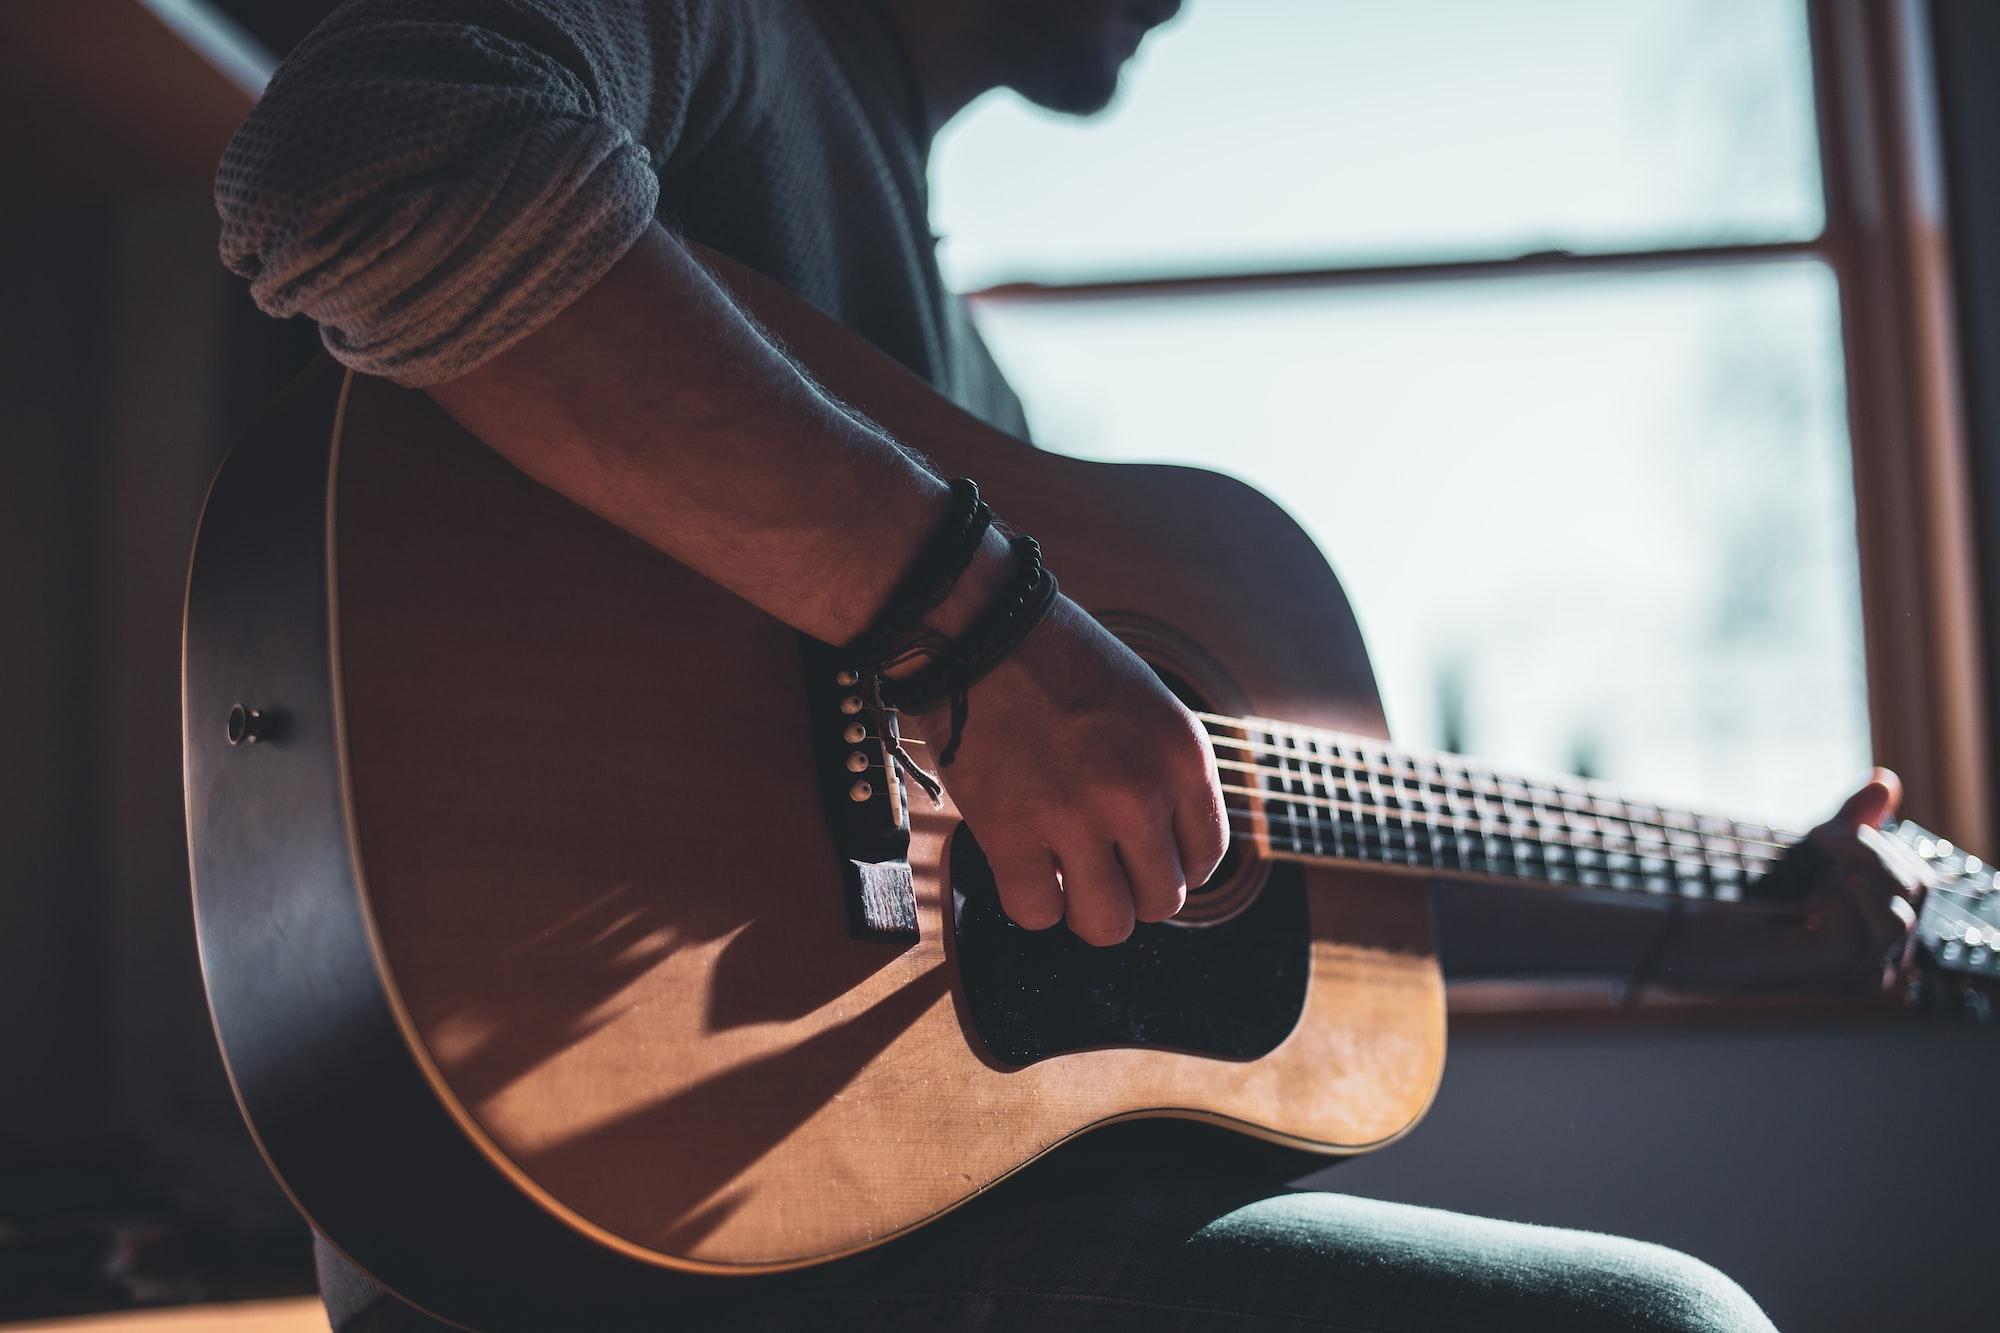 Αποστολή κιθάρας με κούριερ